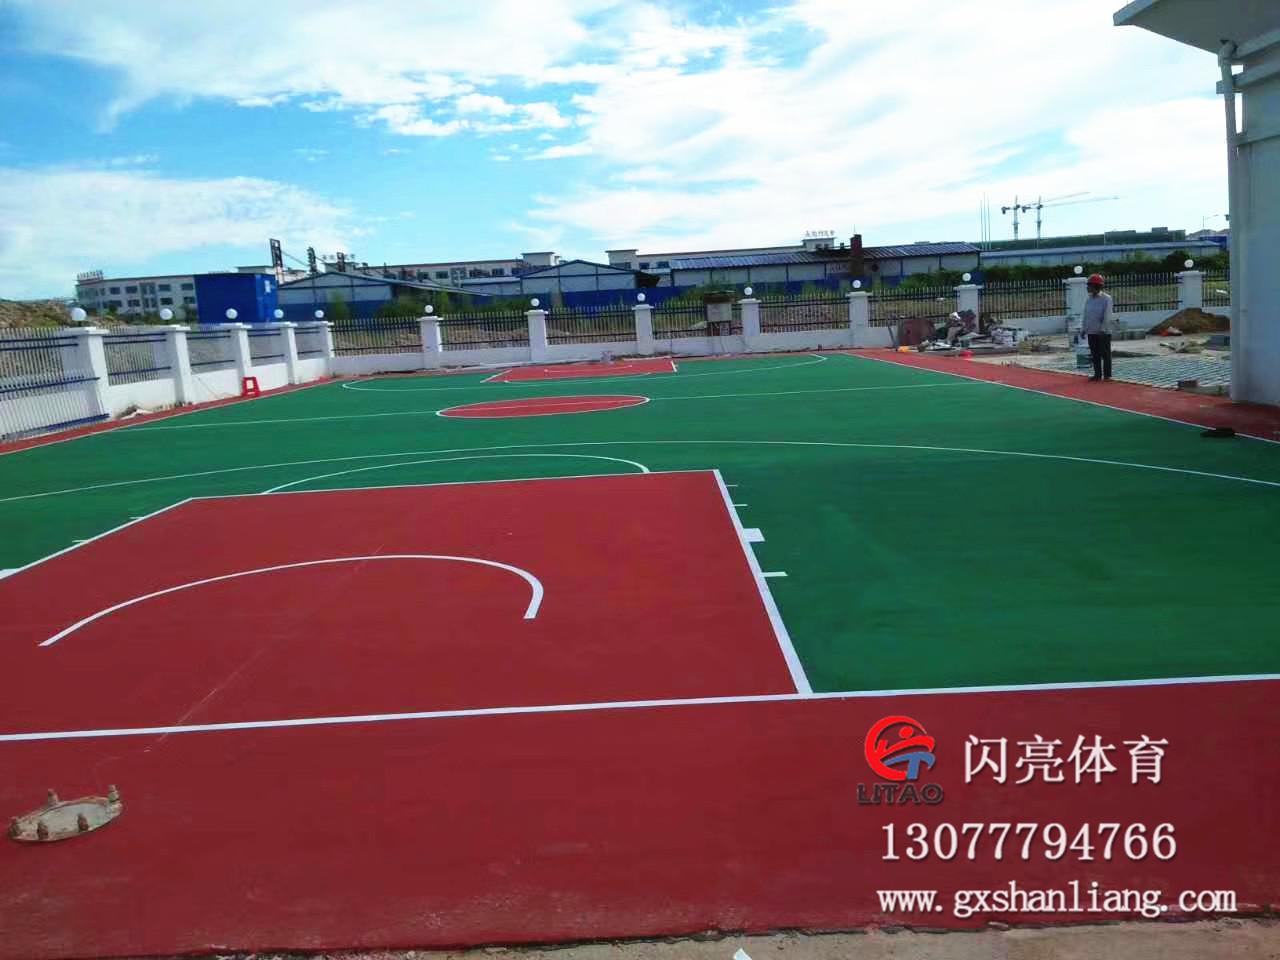 钦州中马产业园丙烯酸篮球场|最新案例-广西闪亮体育用品有限公司